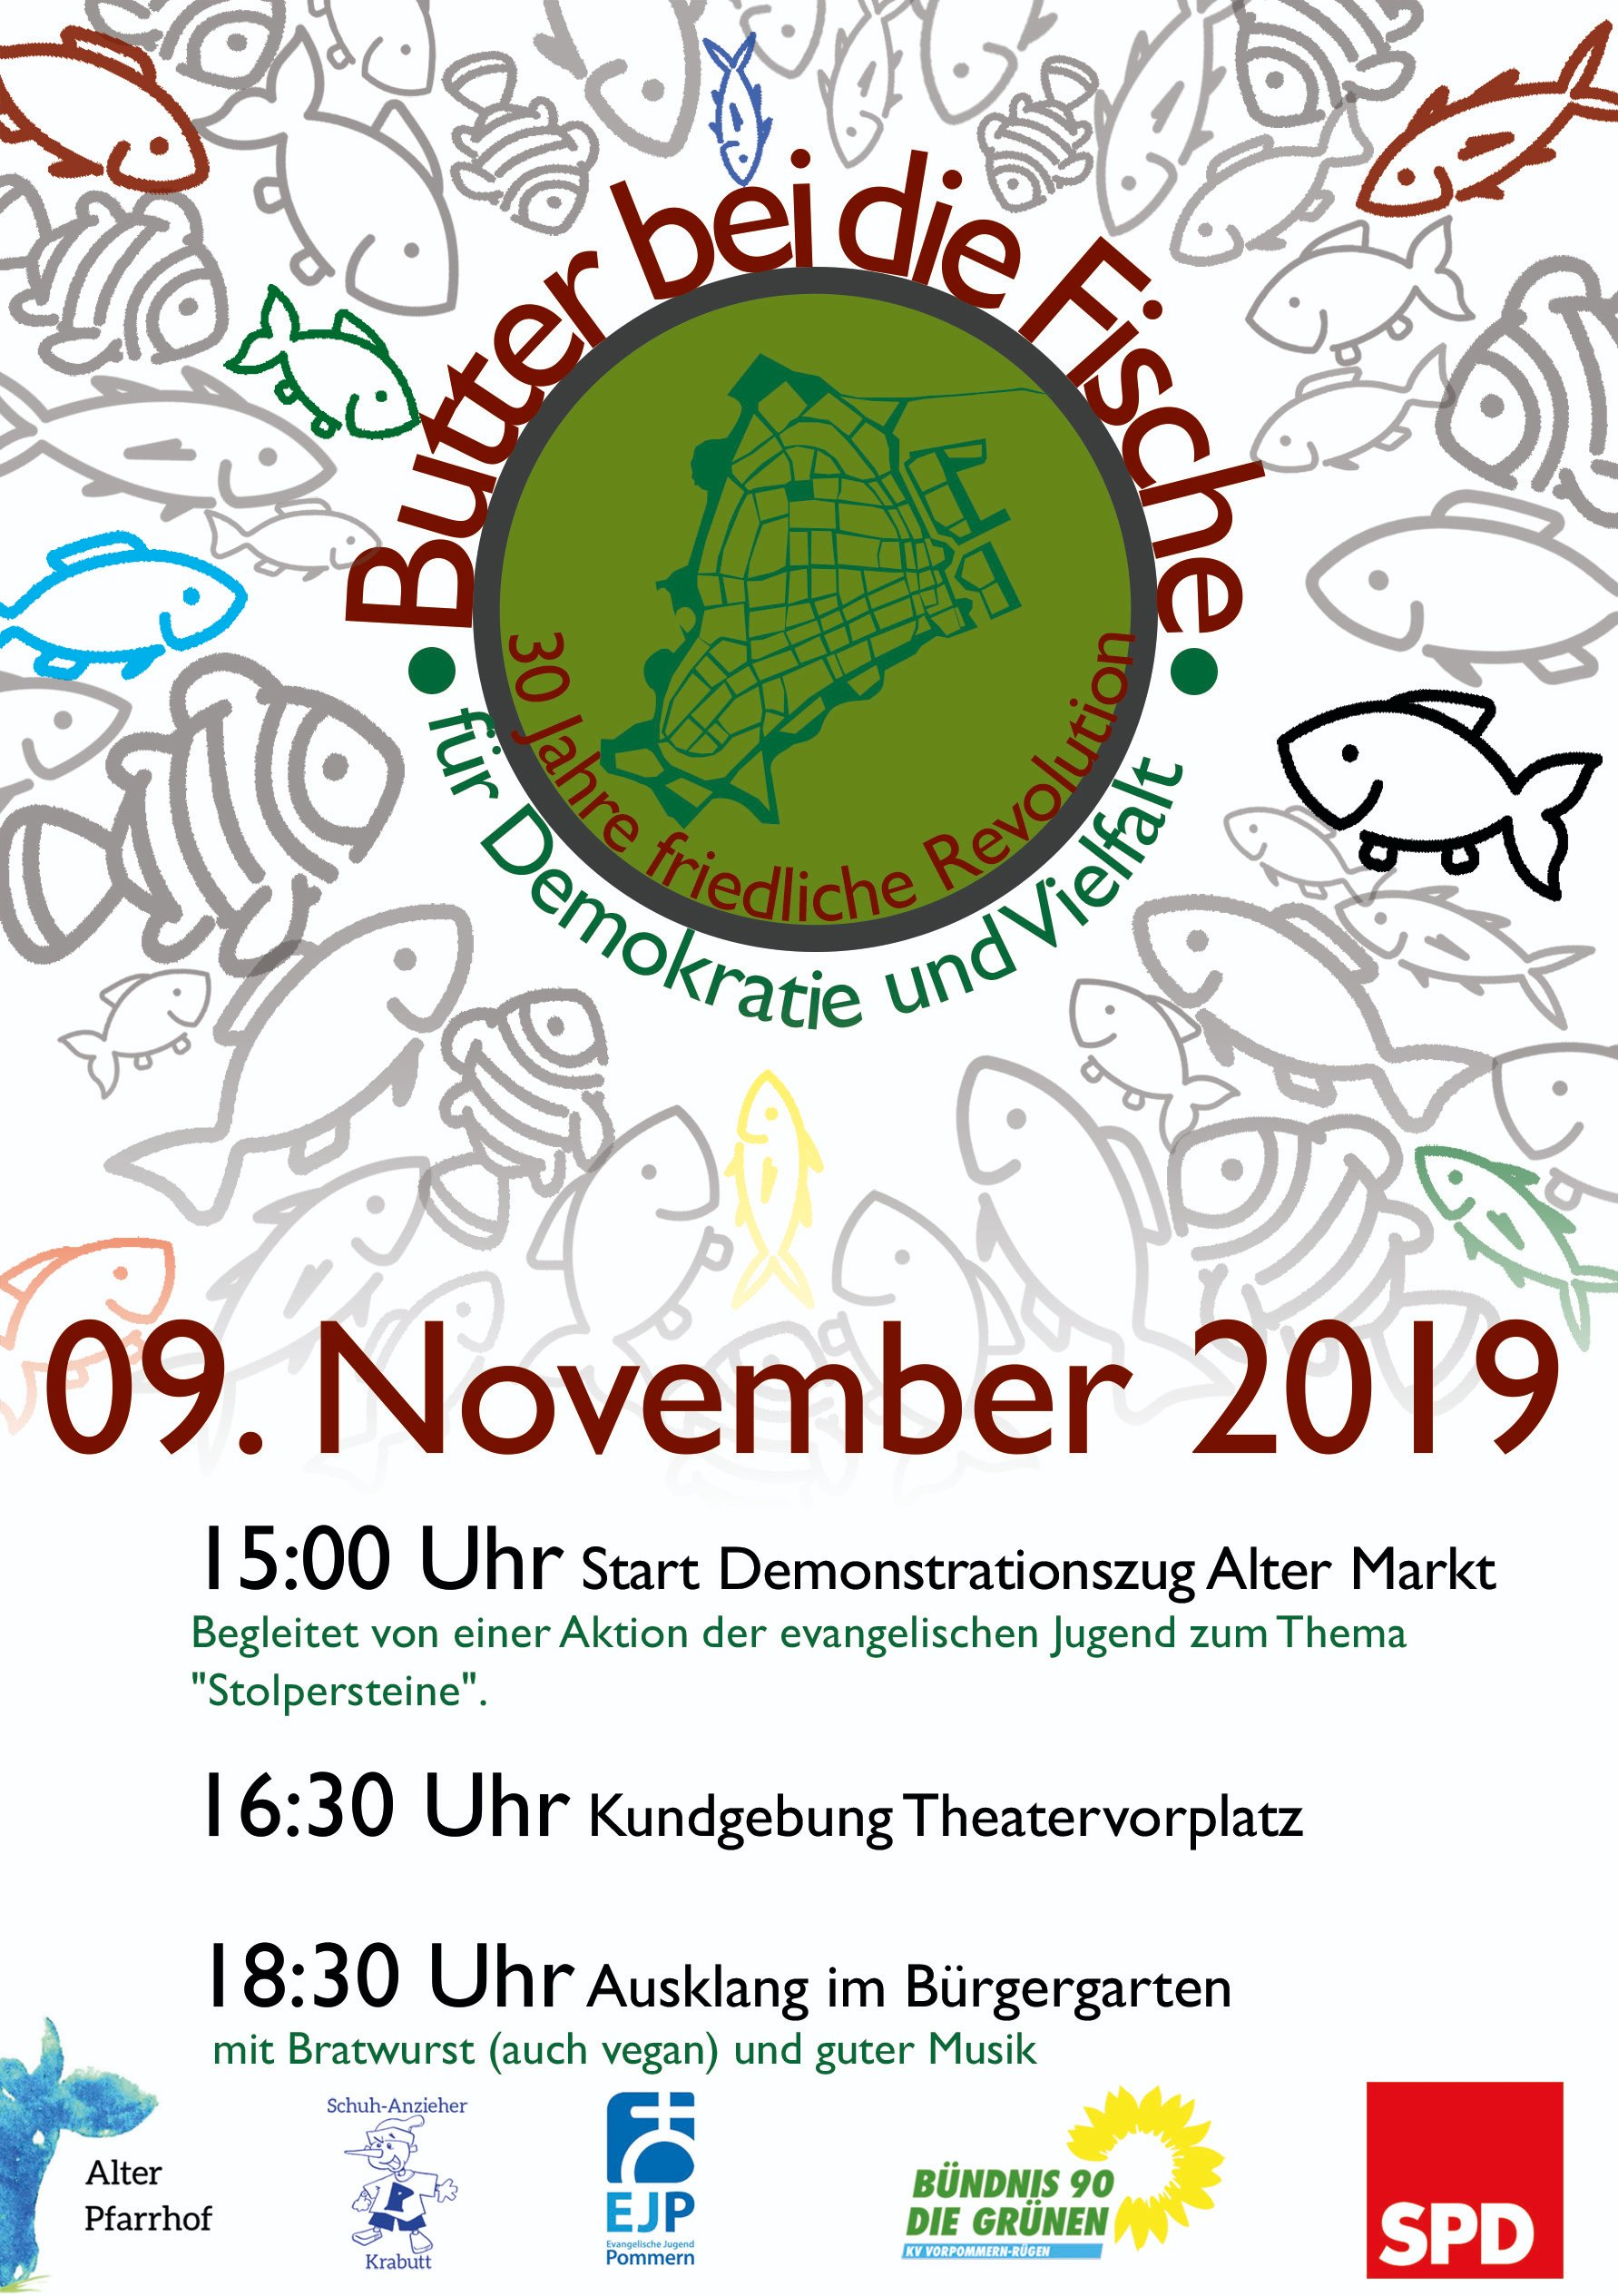 Demo für Demokratie und Vielfalt am 09. November in Stralsund